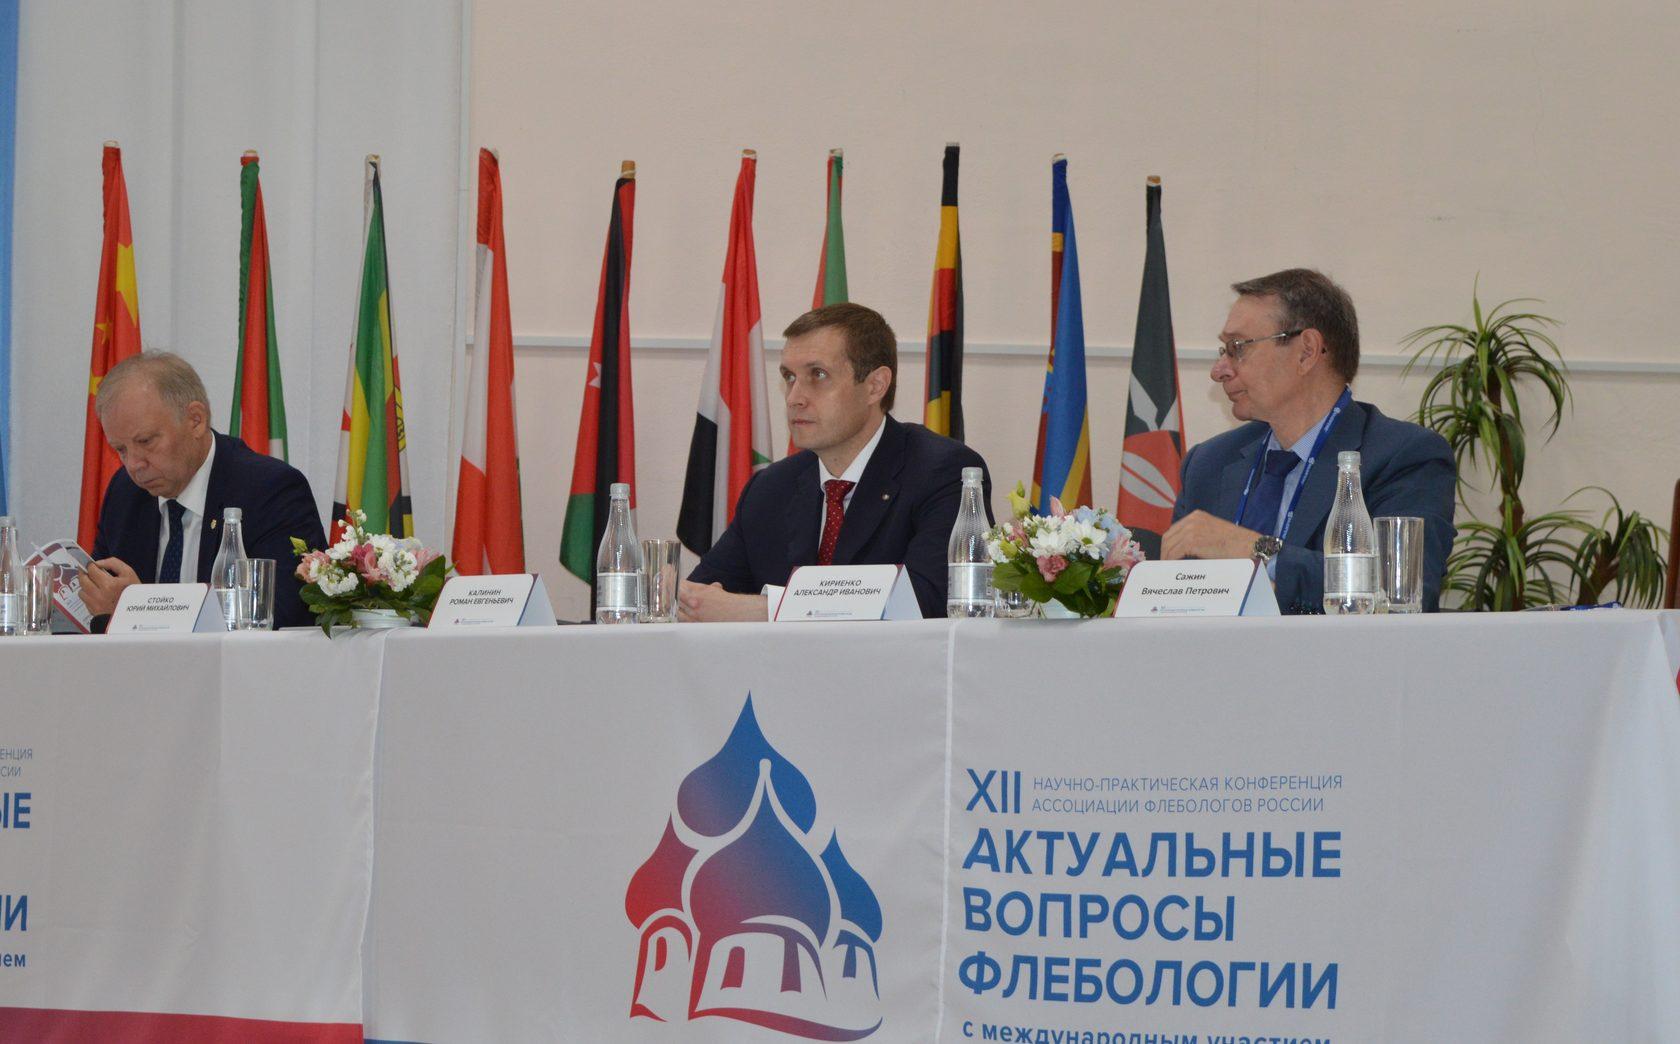 Рязанский городской форум